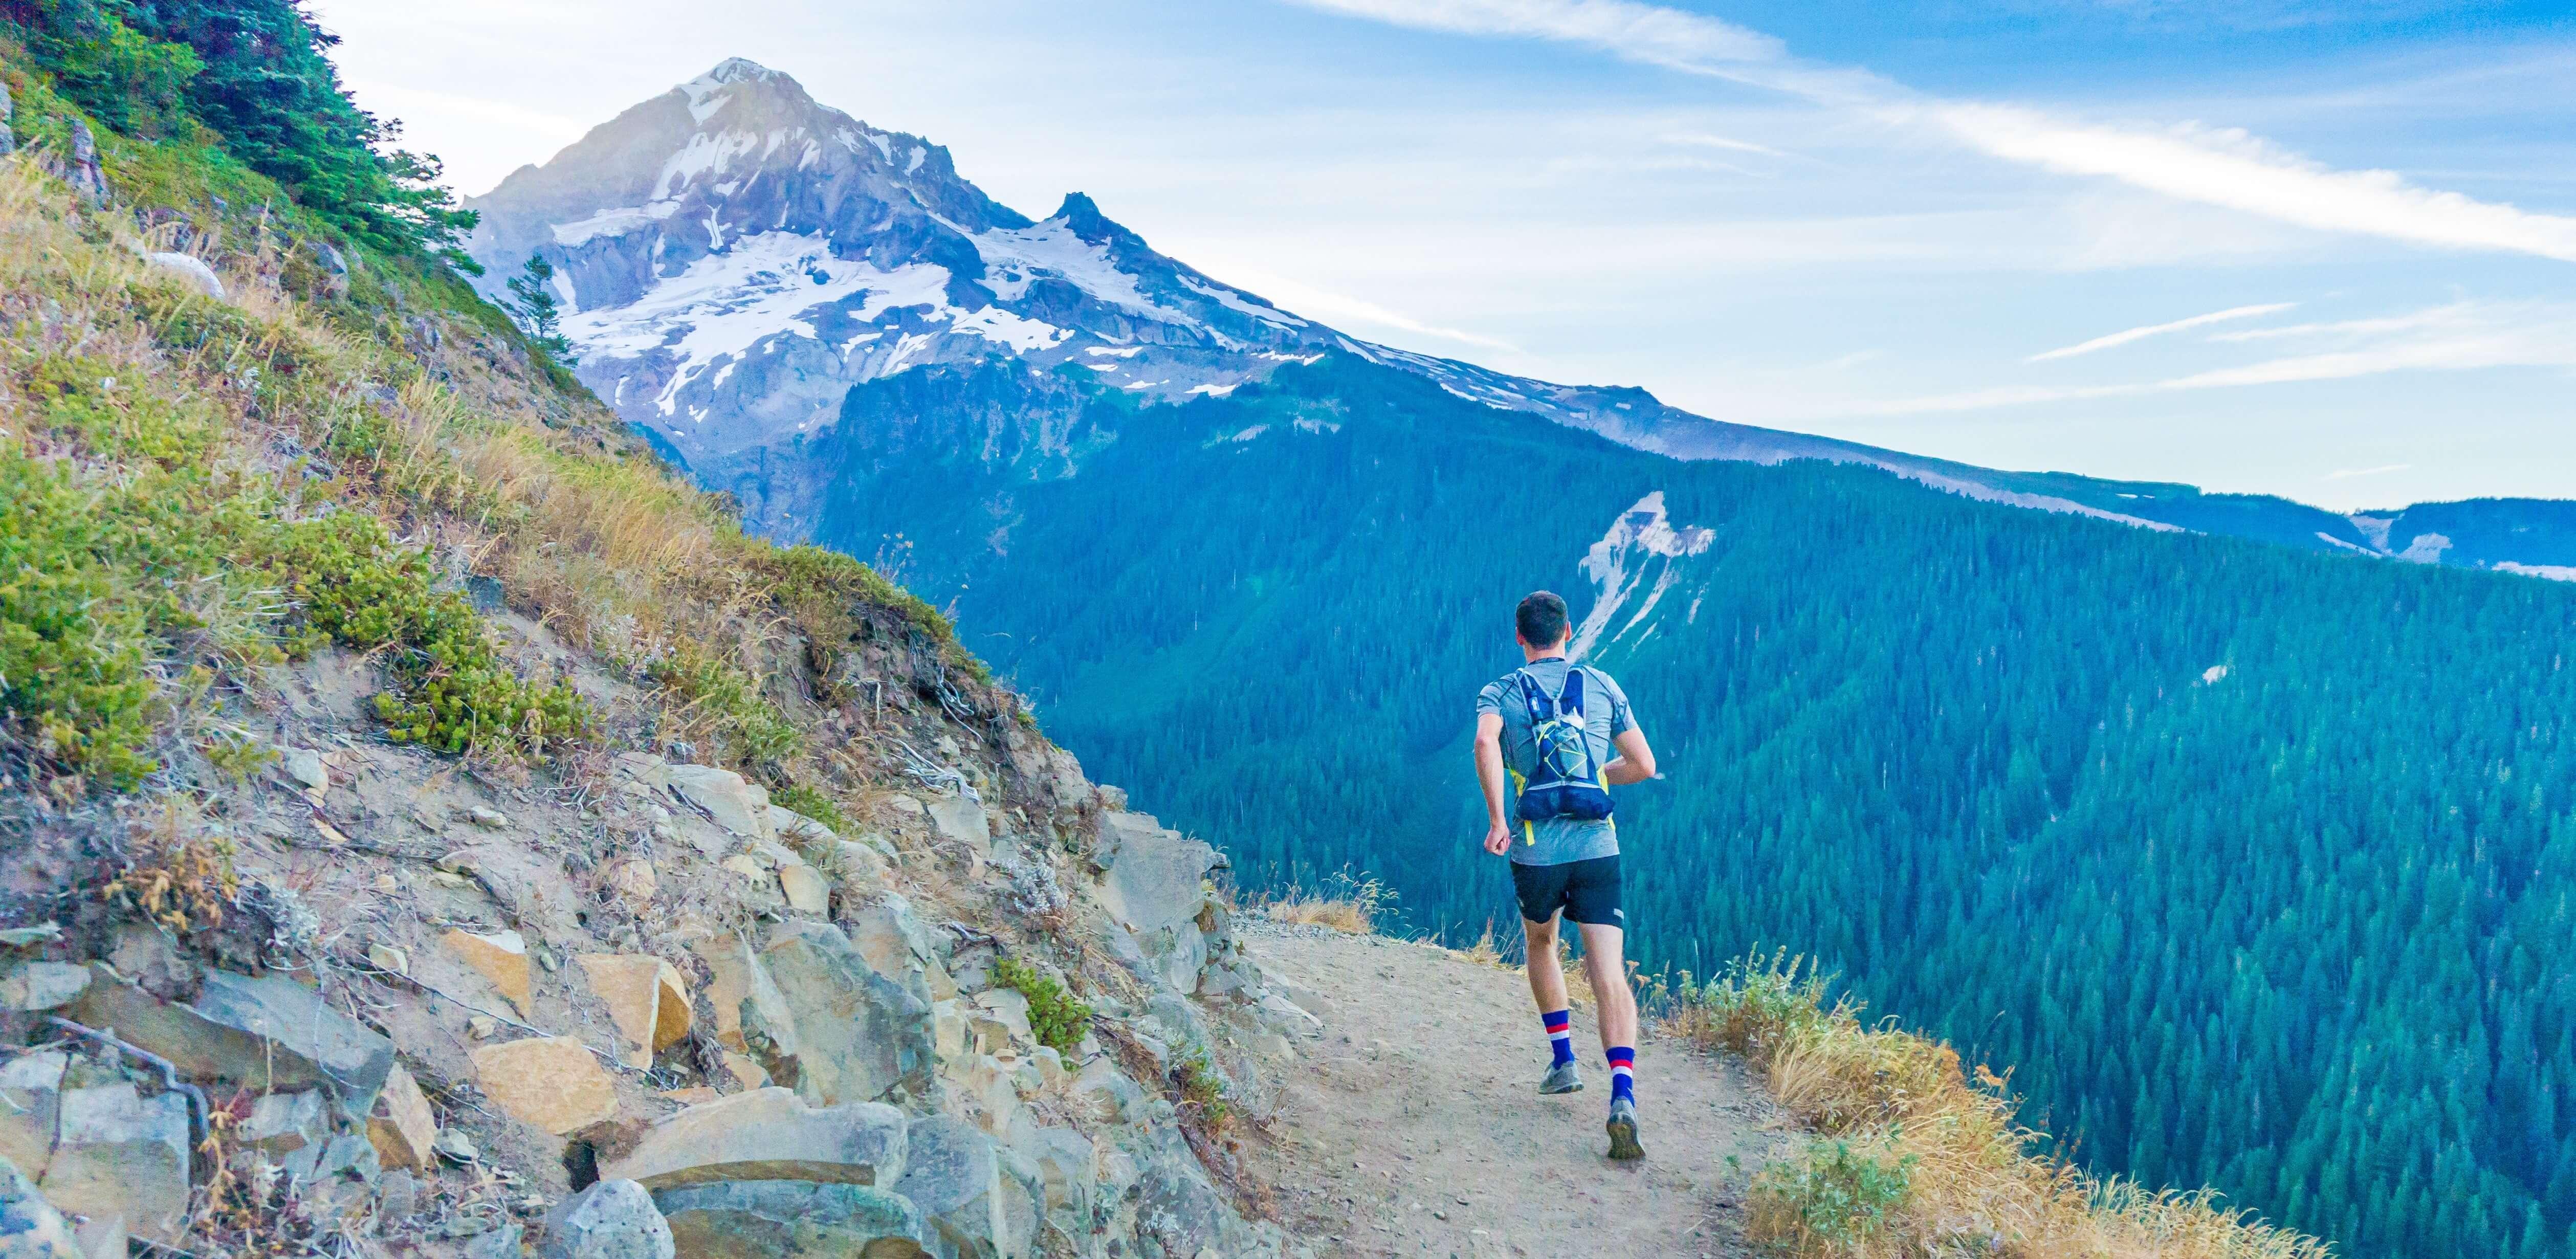 Trailrunning - Diese Trails darfst du nicht verpassen